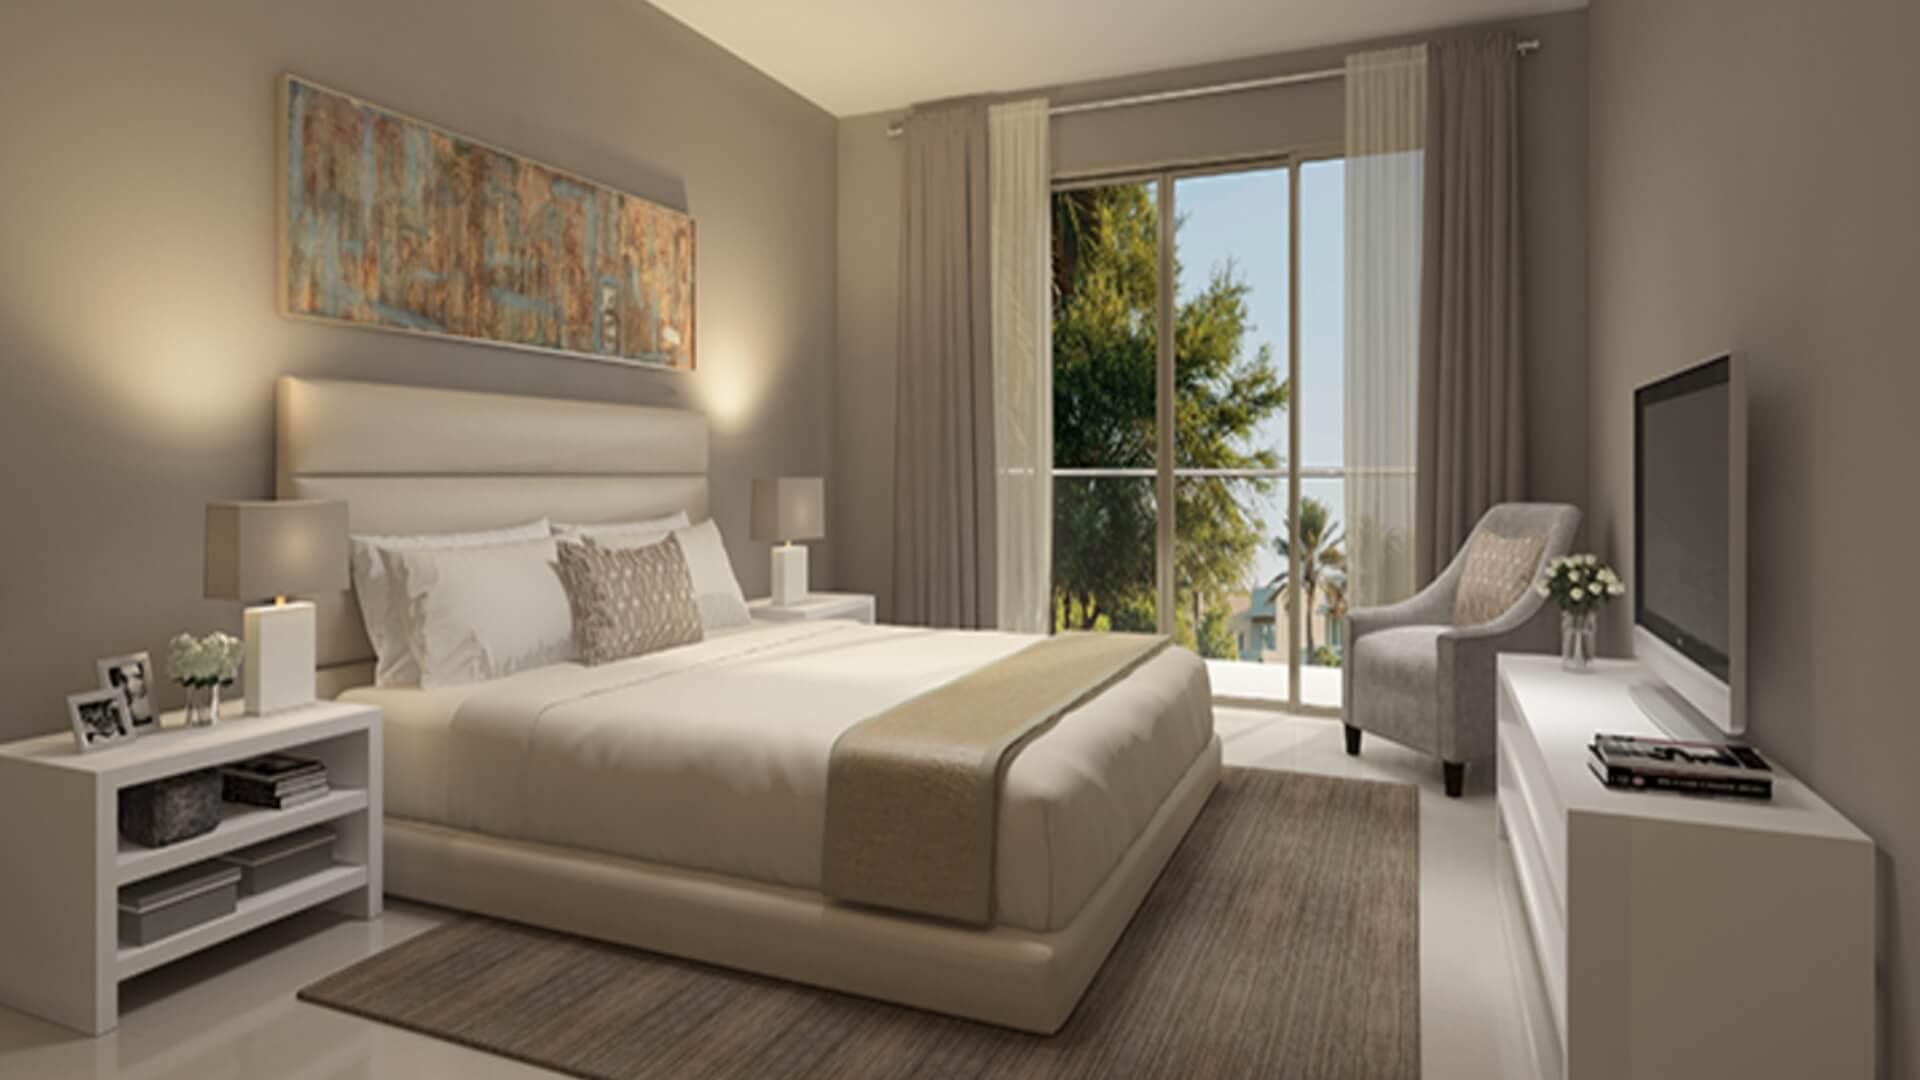 Adosado en venta en Dubai, EAU, 3 dormitorios, 223 m2, № 24374 – foto 2